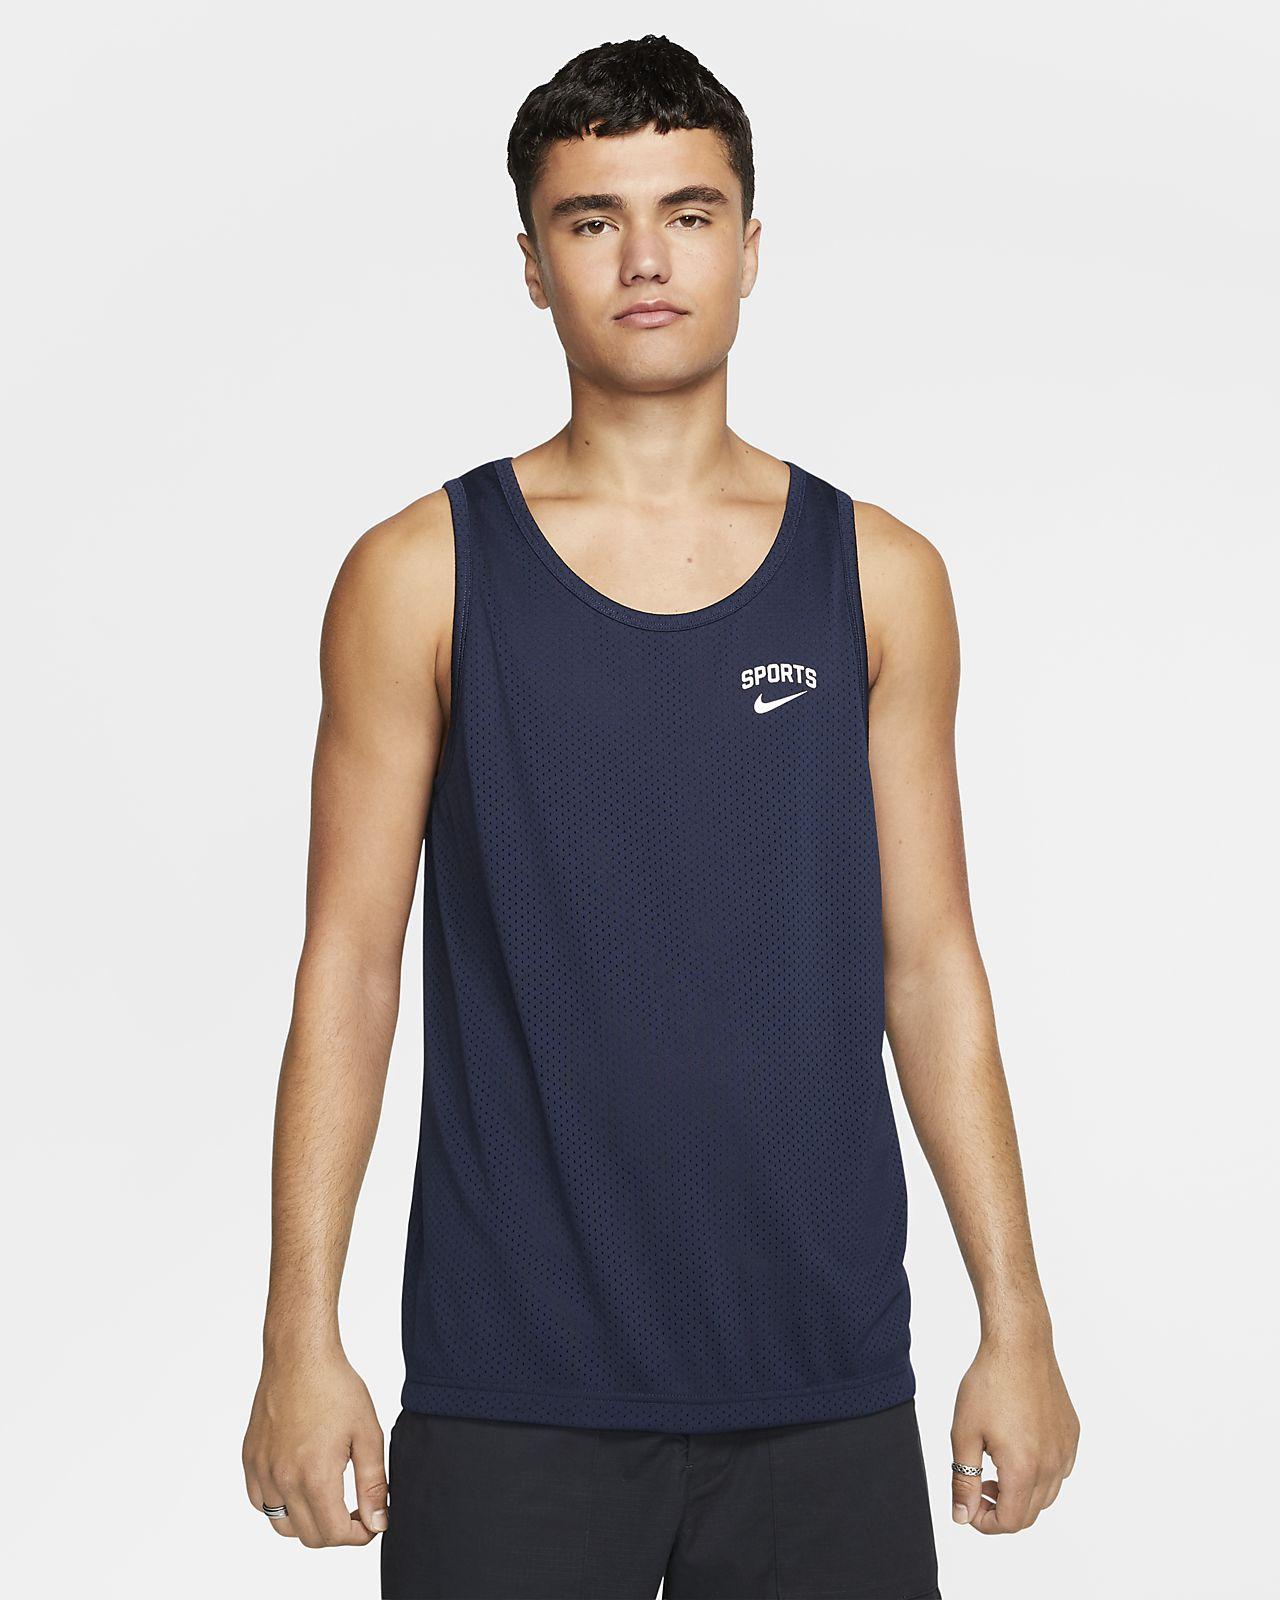 Nike SB Dri-FIT Skate-tanktop met print voor heren